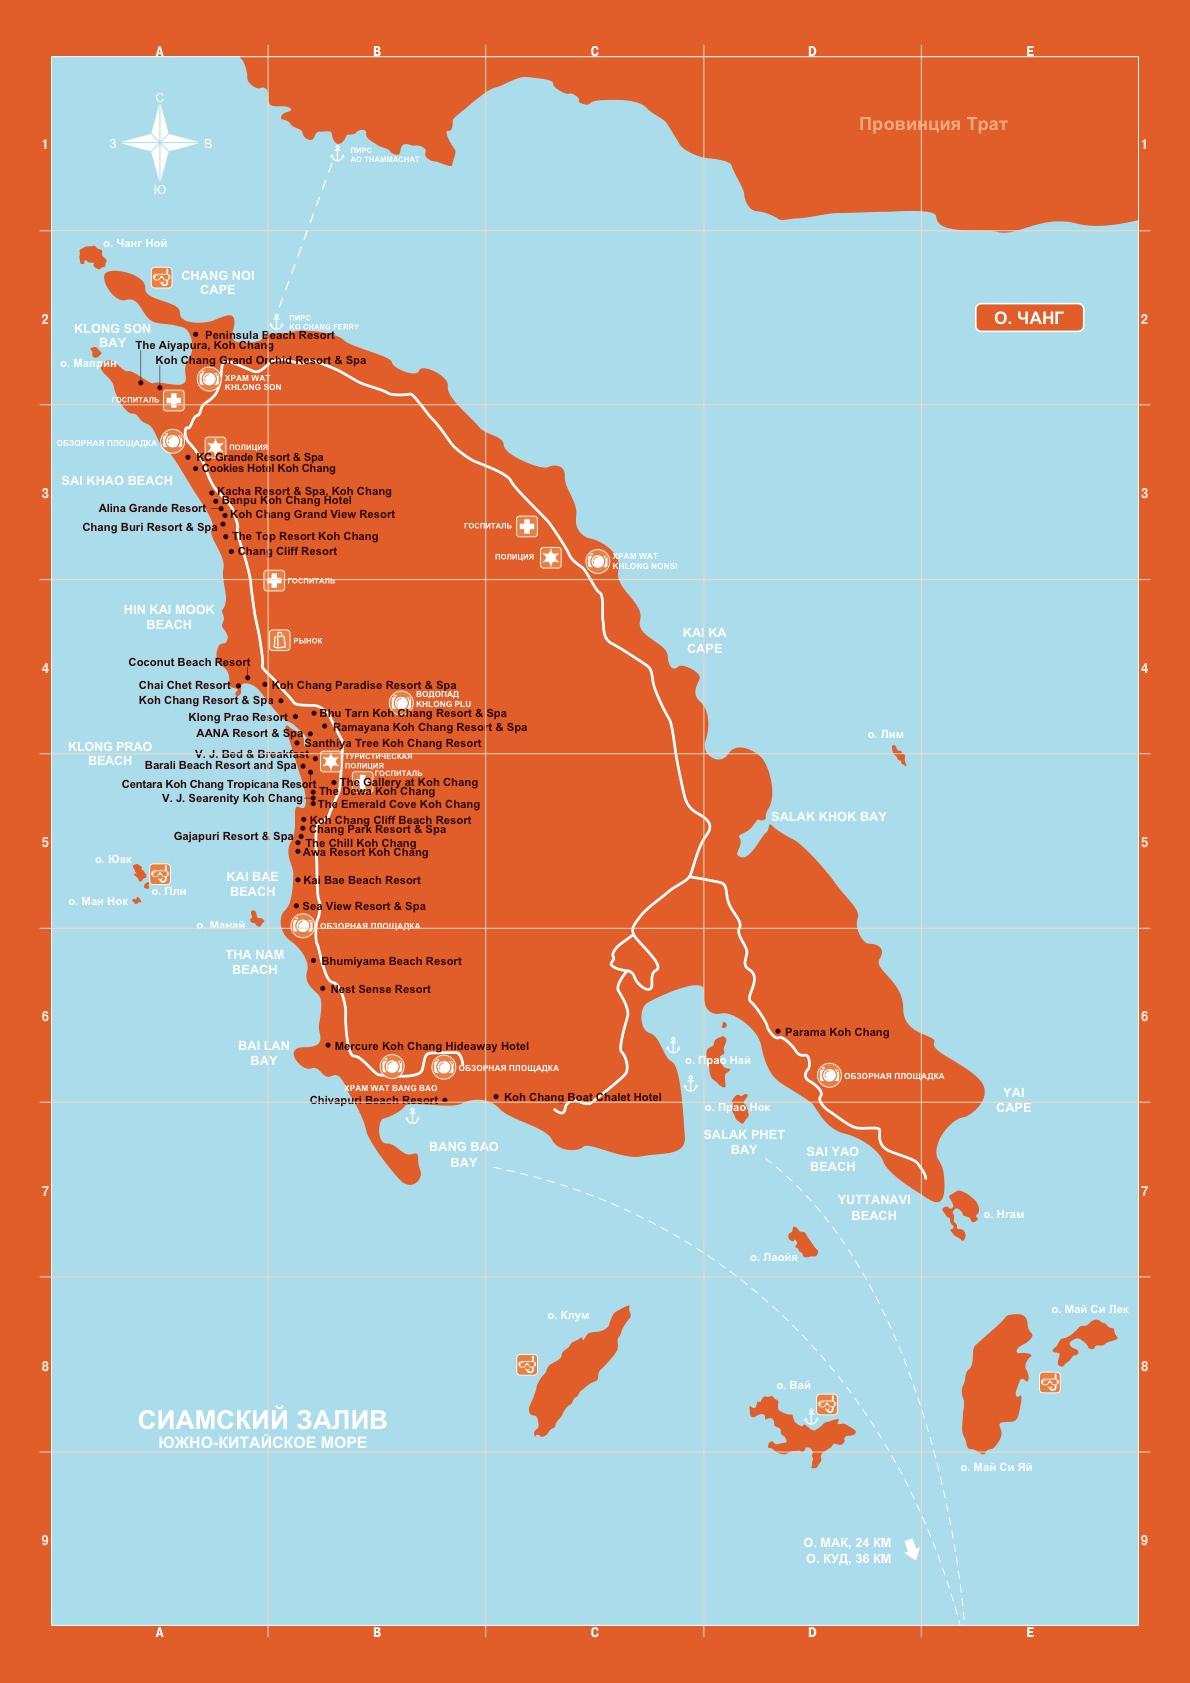 Карта-схема Ко Чанга с отелями и пляжами